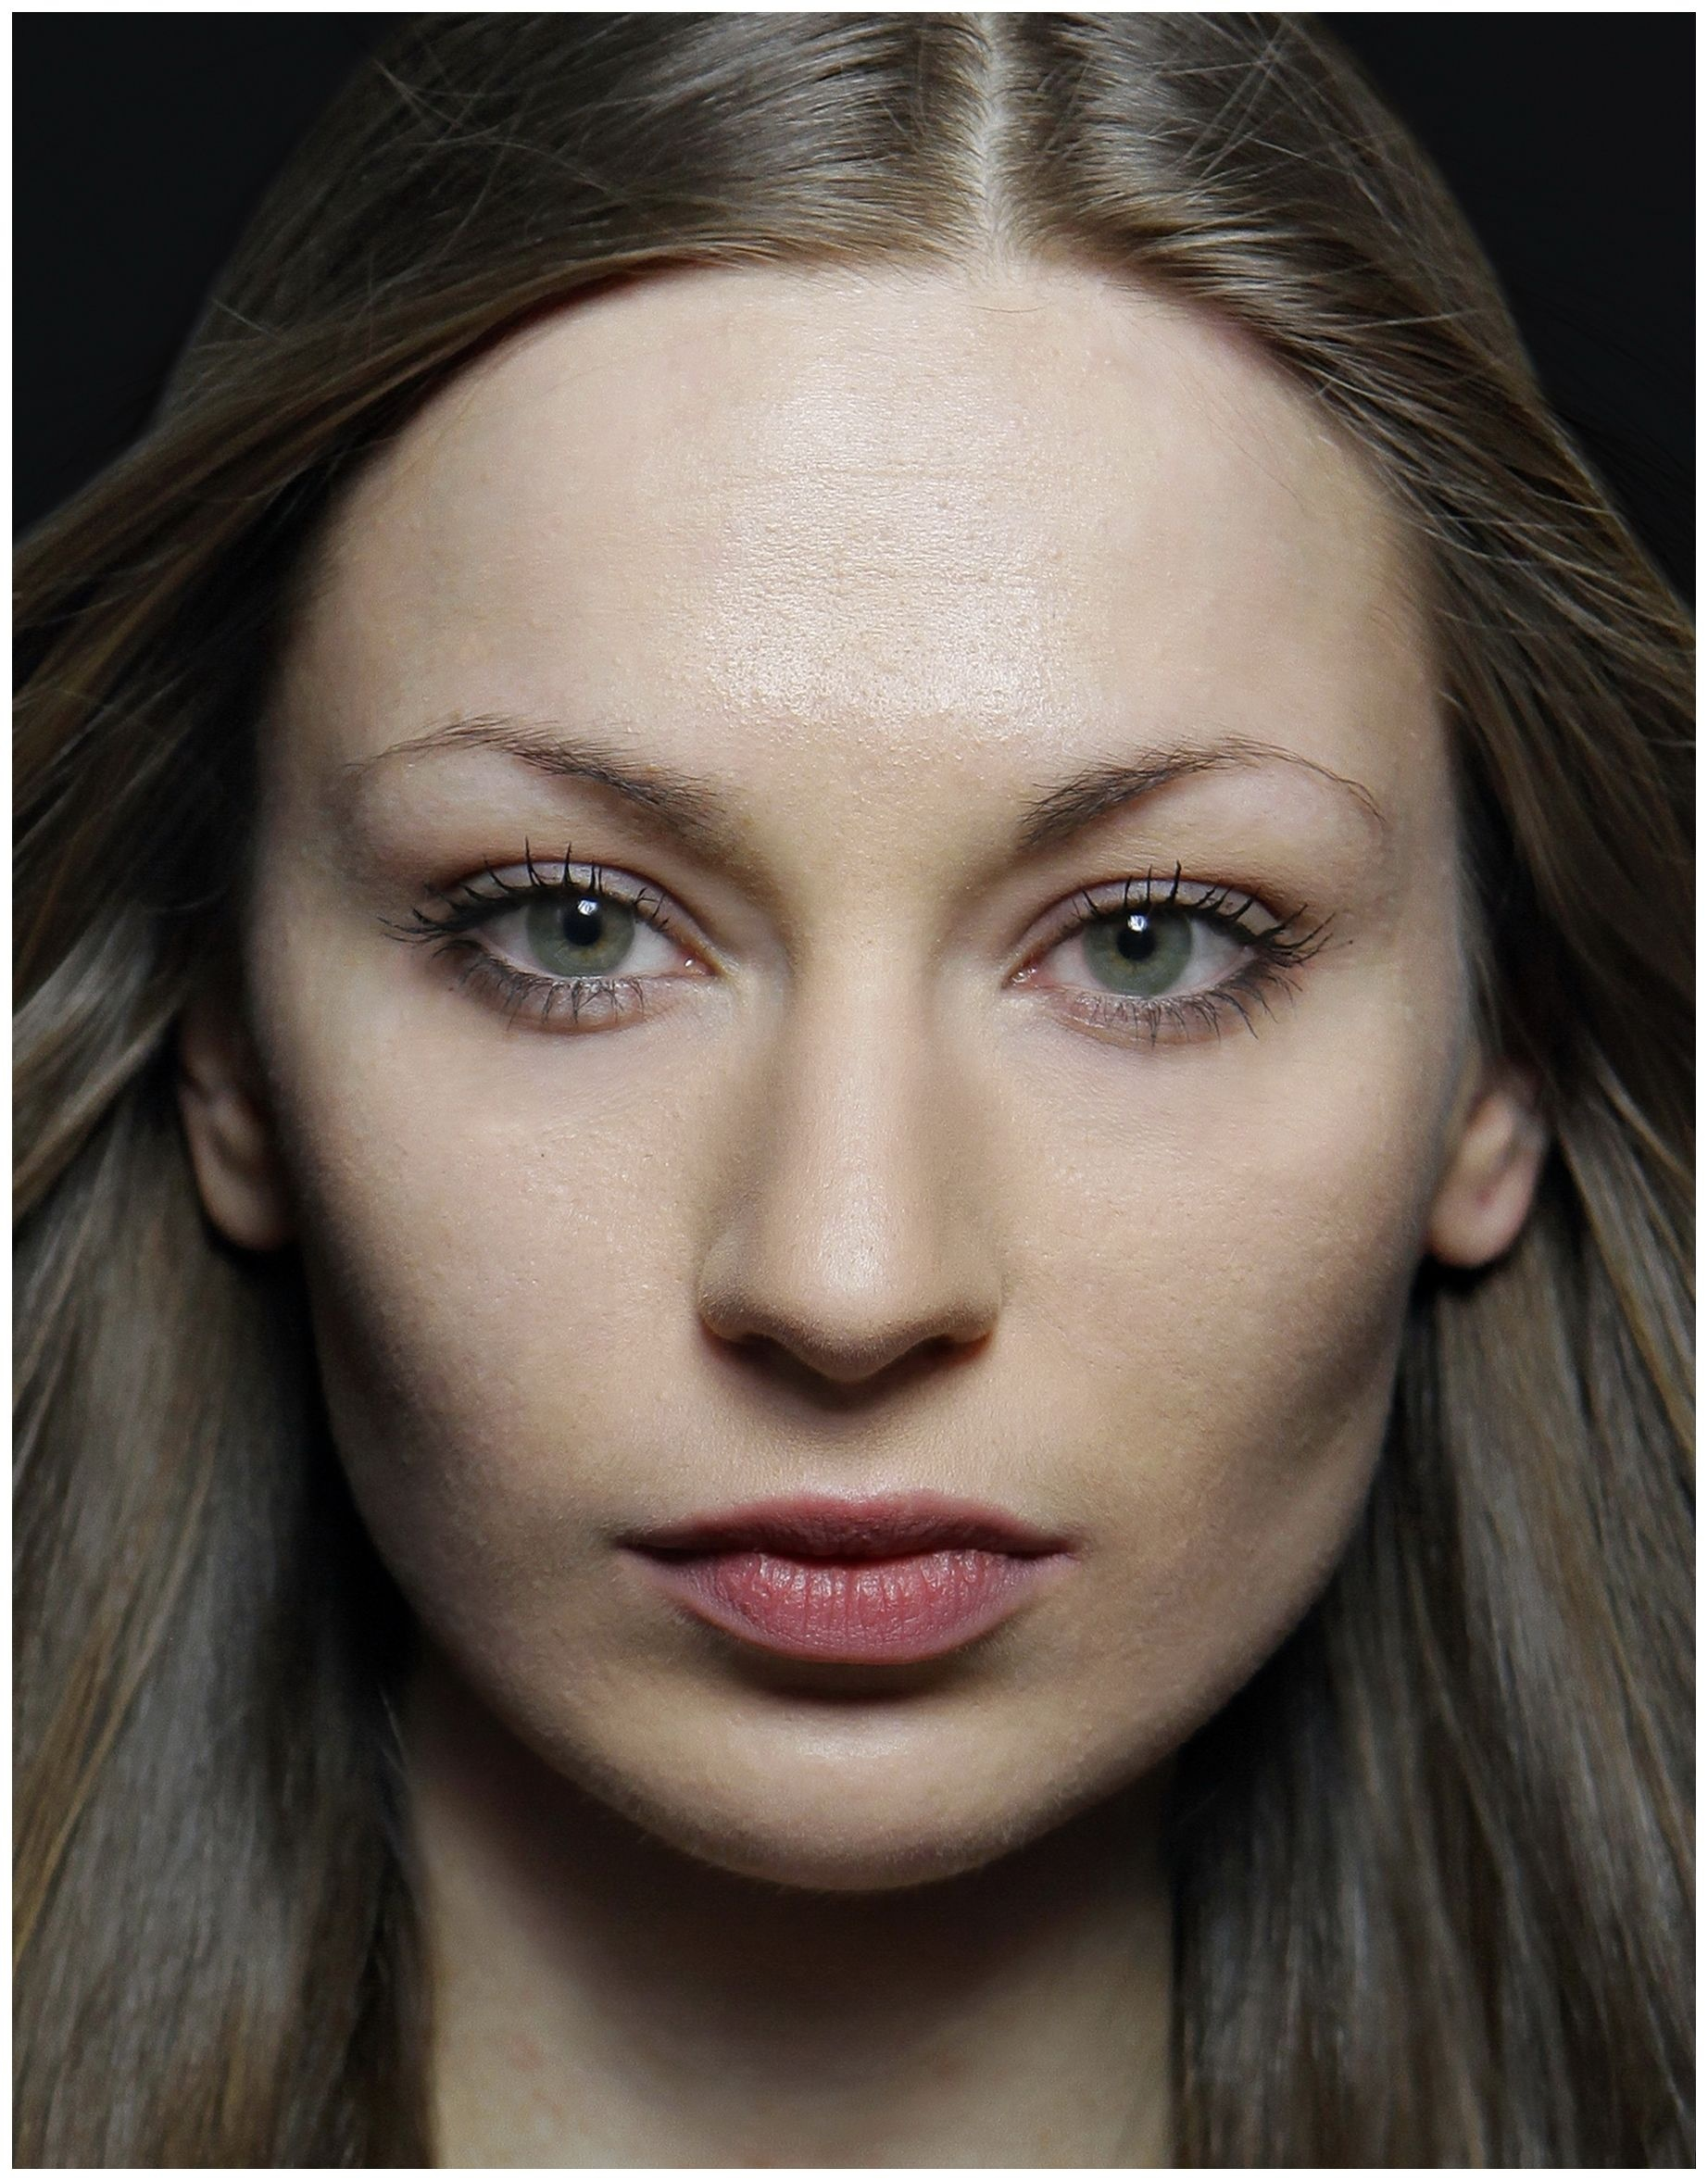 Typical Russian Women Features - Kharita Blog